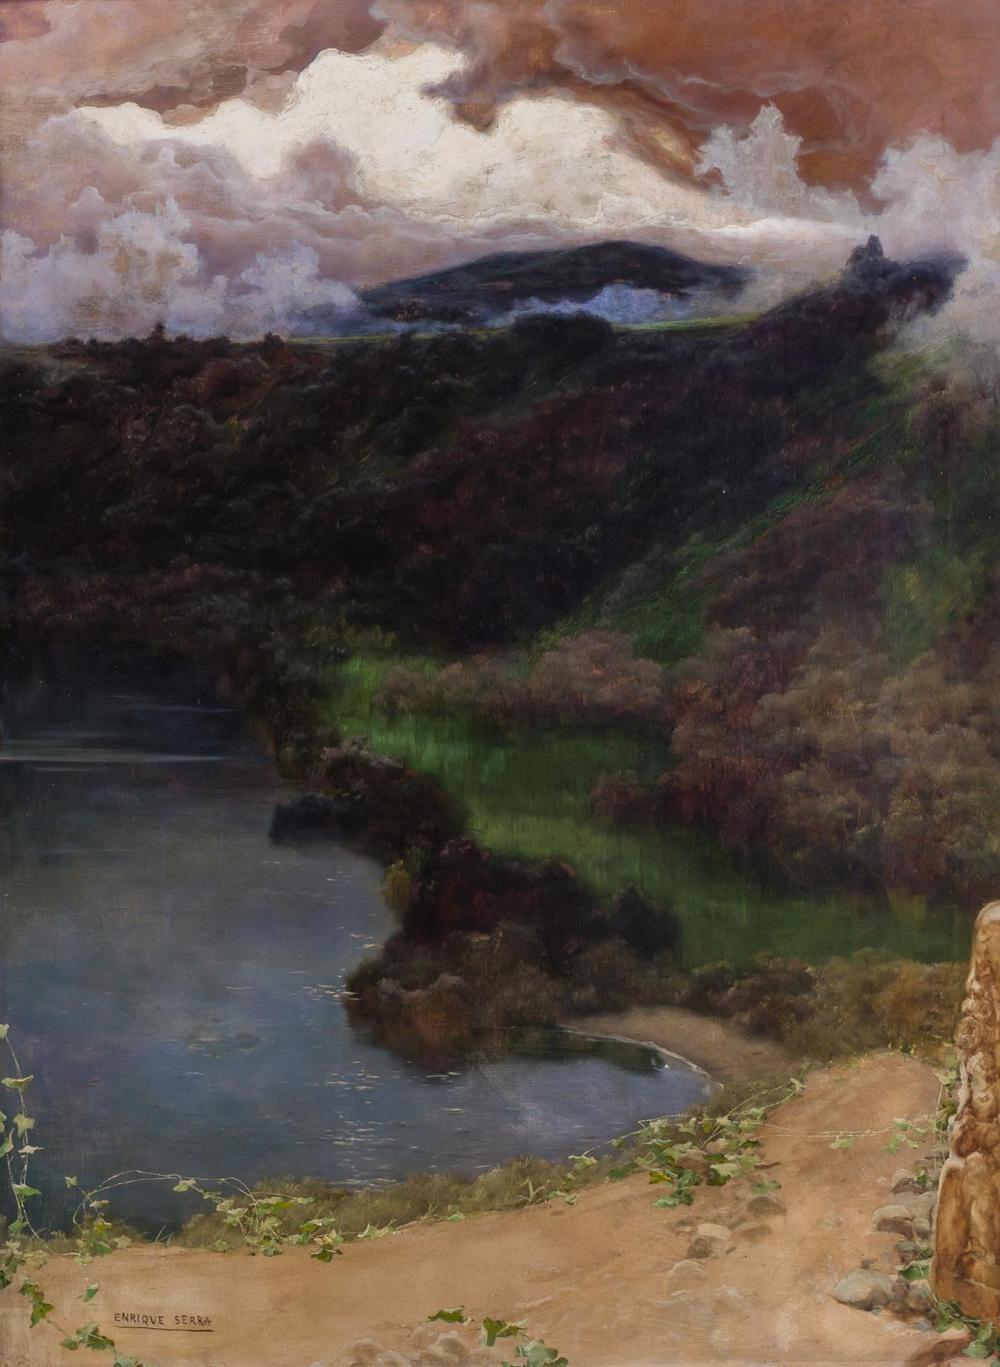 """ENRIQUE SERRA Y AUQUE, Spanish (1859-1918), Landscape, oil on canvas, signed lower left """"Enrique Serra"""", 37 3/4 x 27 3/4 inches"""